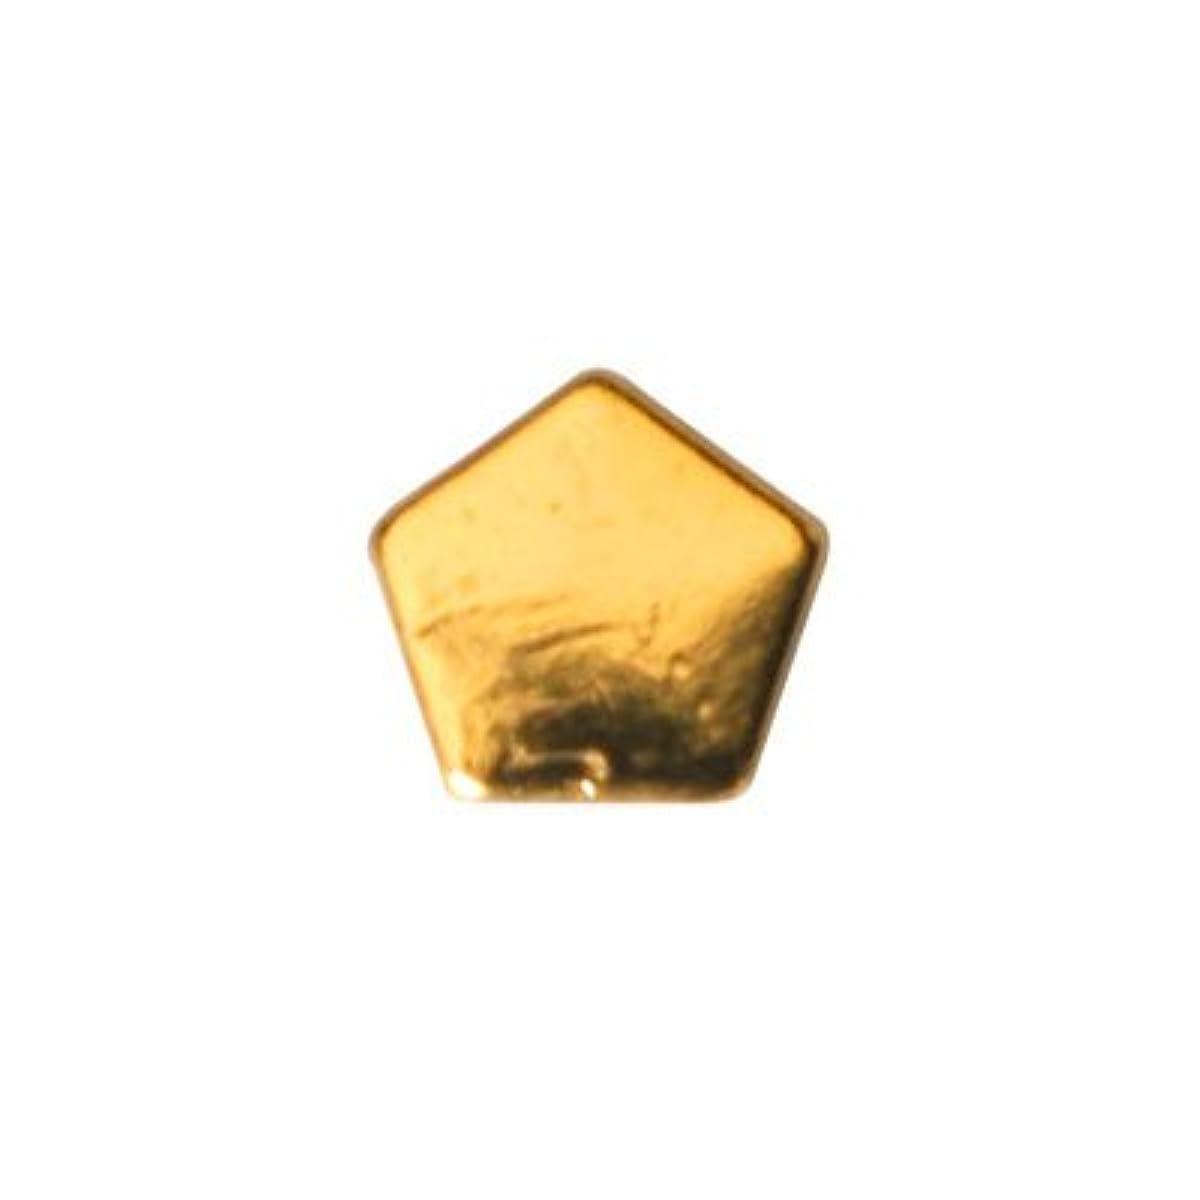 羽受け入れる医療過誤ピアドラ スタッズ ペンタゴン 3mm 50P ゴールド